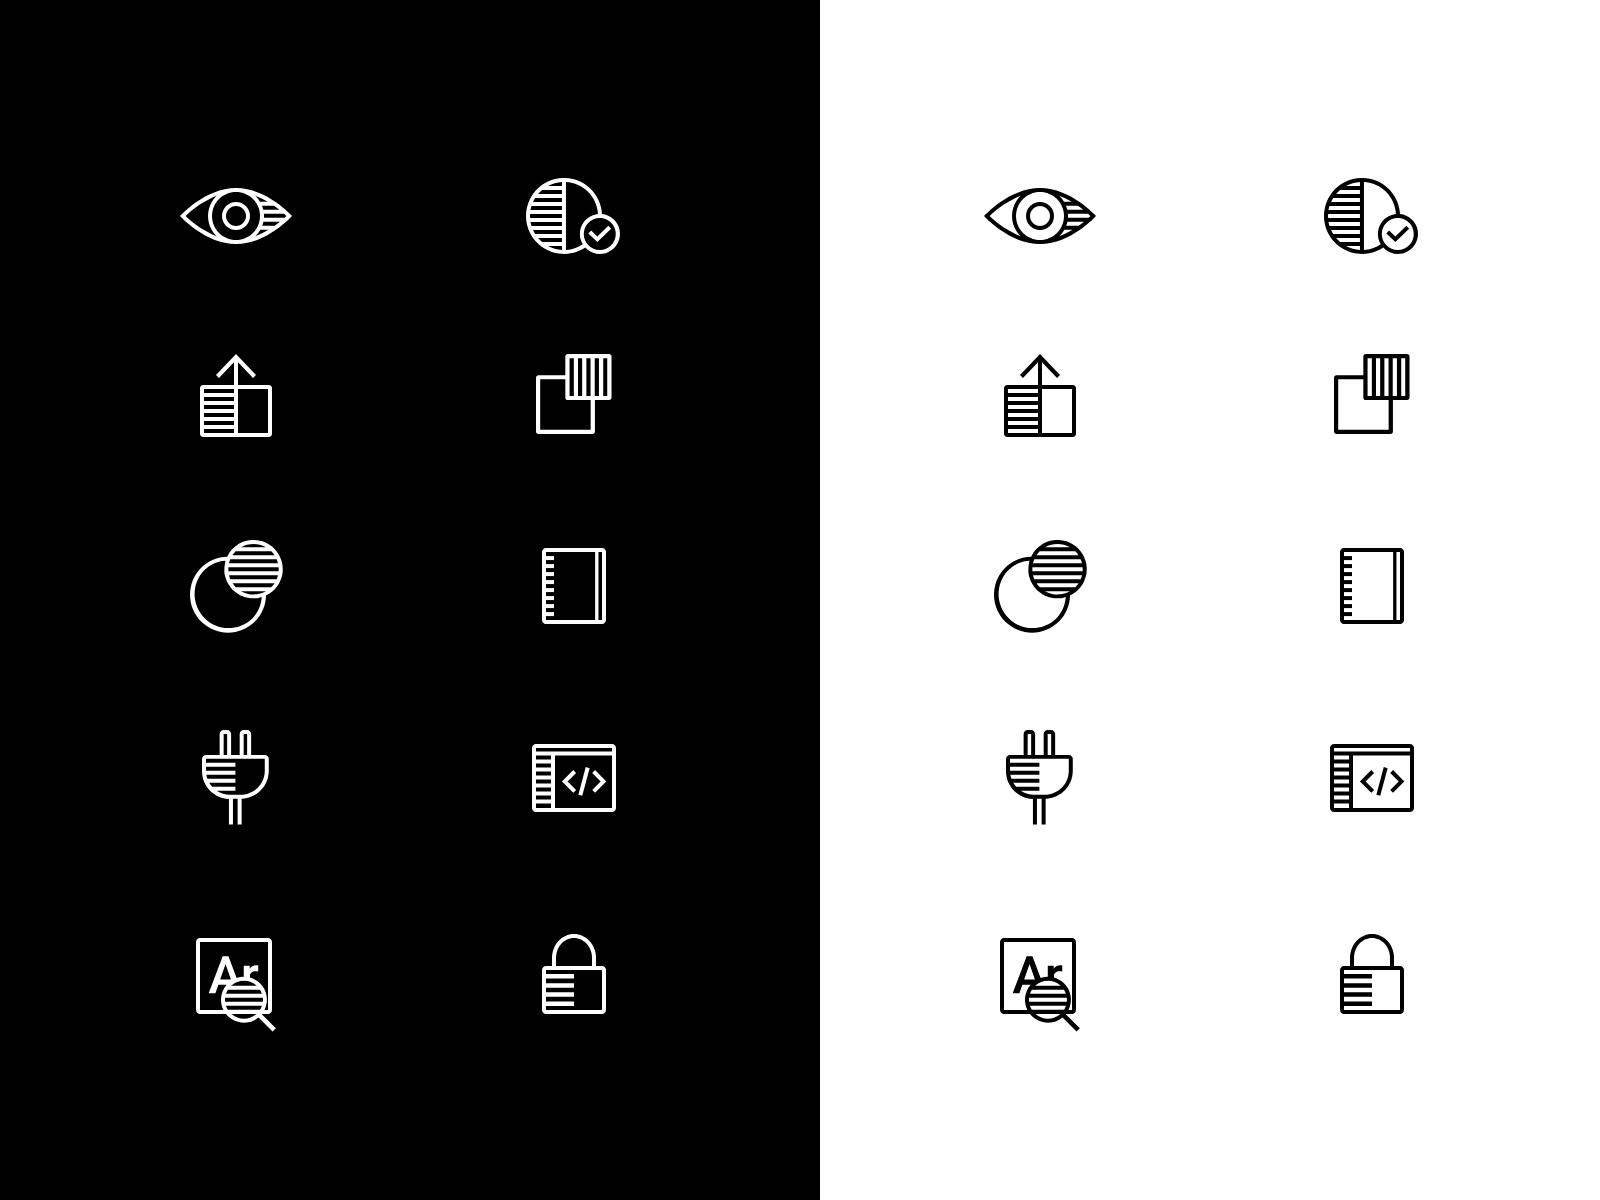 Iconography 2x